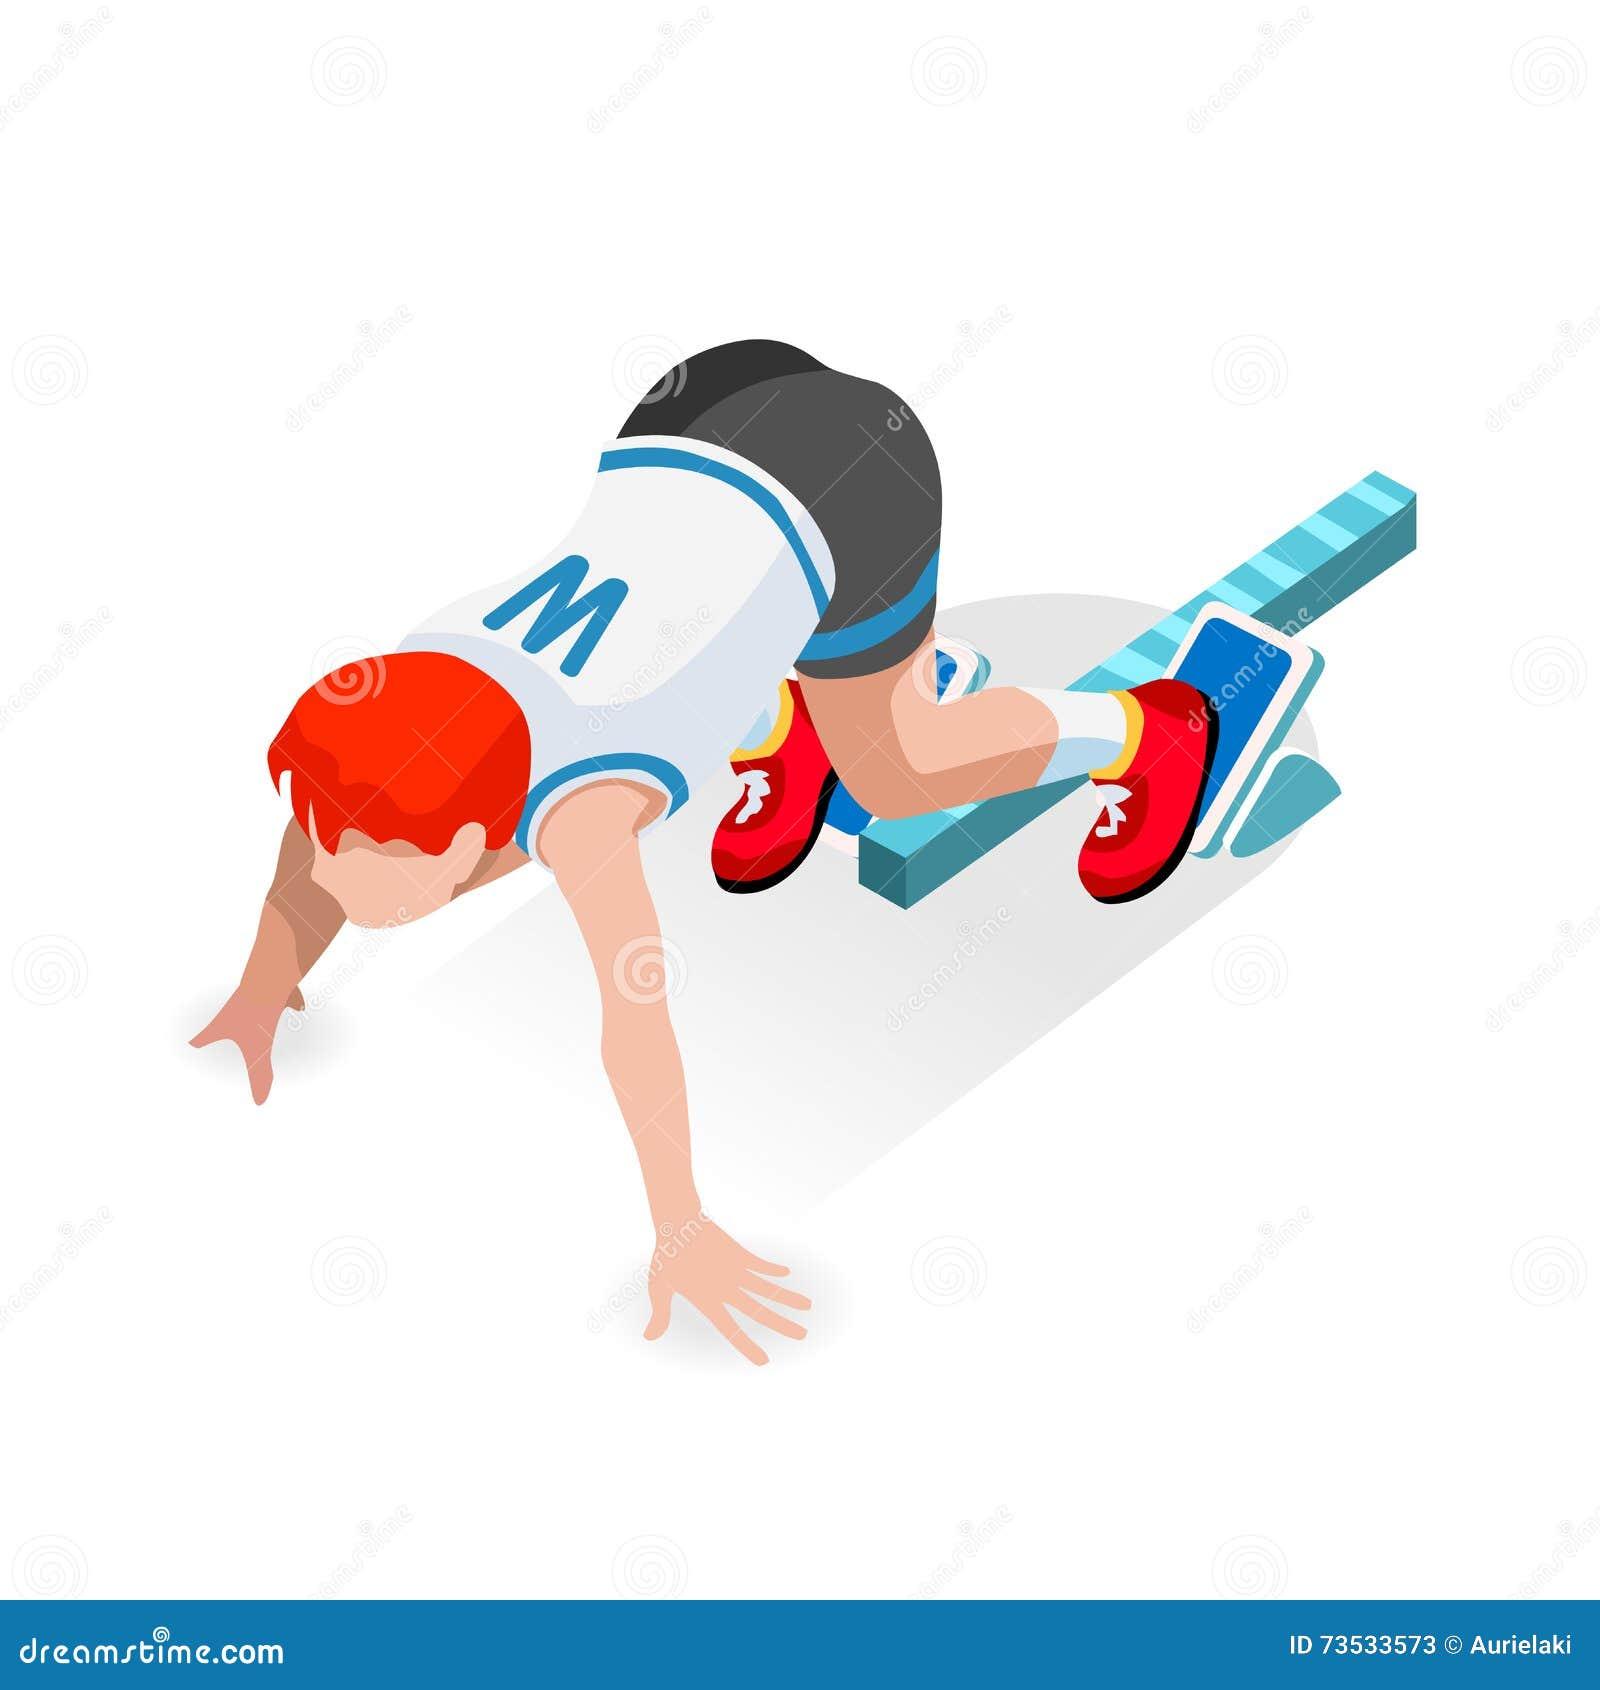 Sprinter Runner Athlete at Starting Line Athletics Race Start Summer Games Icon Set.3D Flat Isometric Sport of Athletics Runner